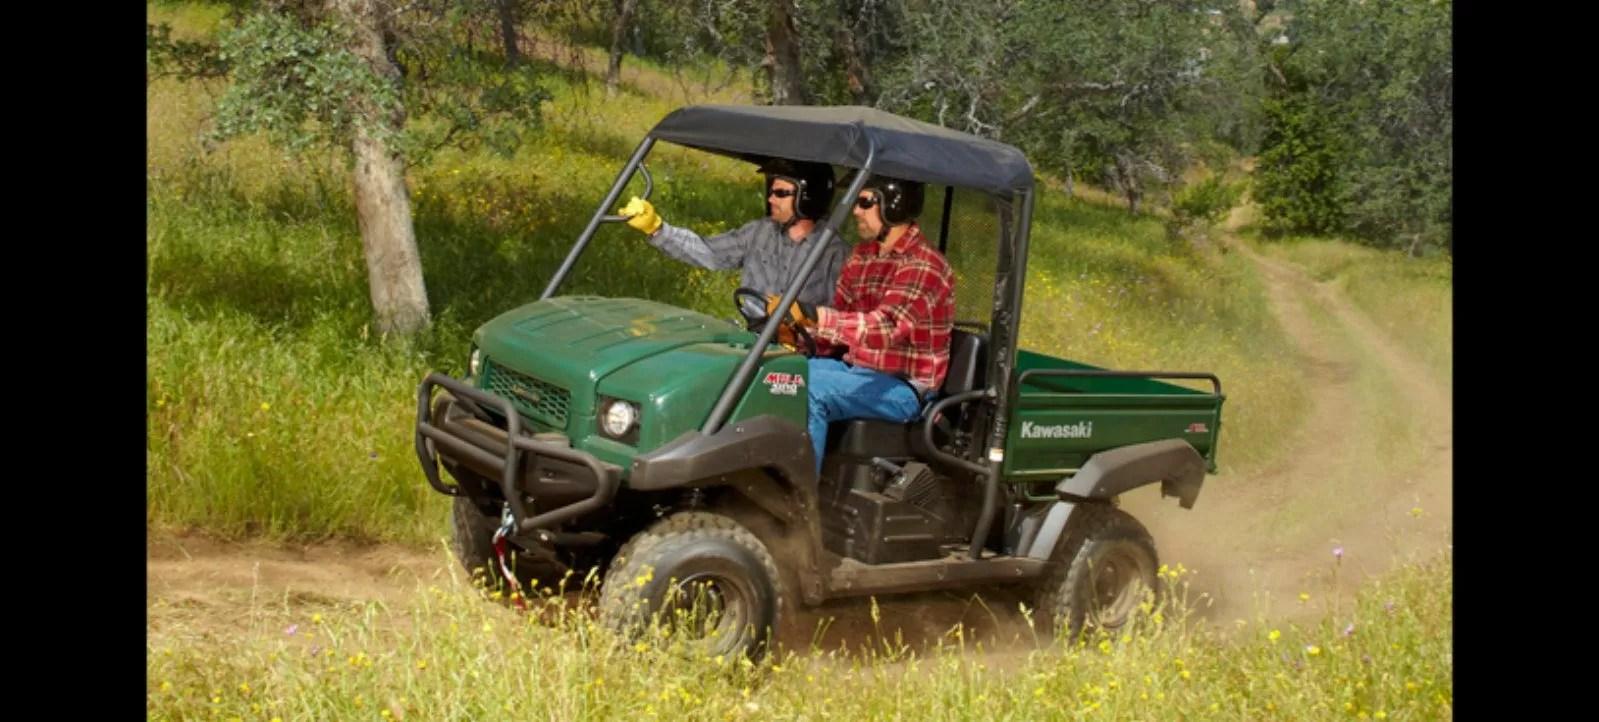 hight resolution of 2012 kawasaki mule 4010 4x4 diesel top speed